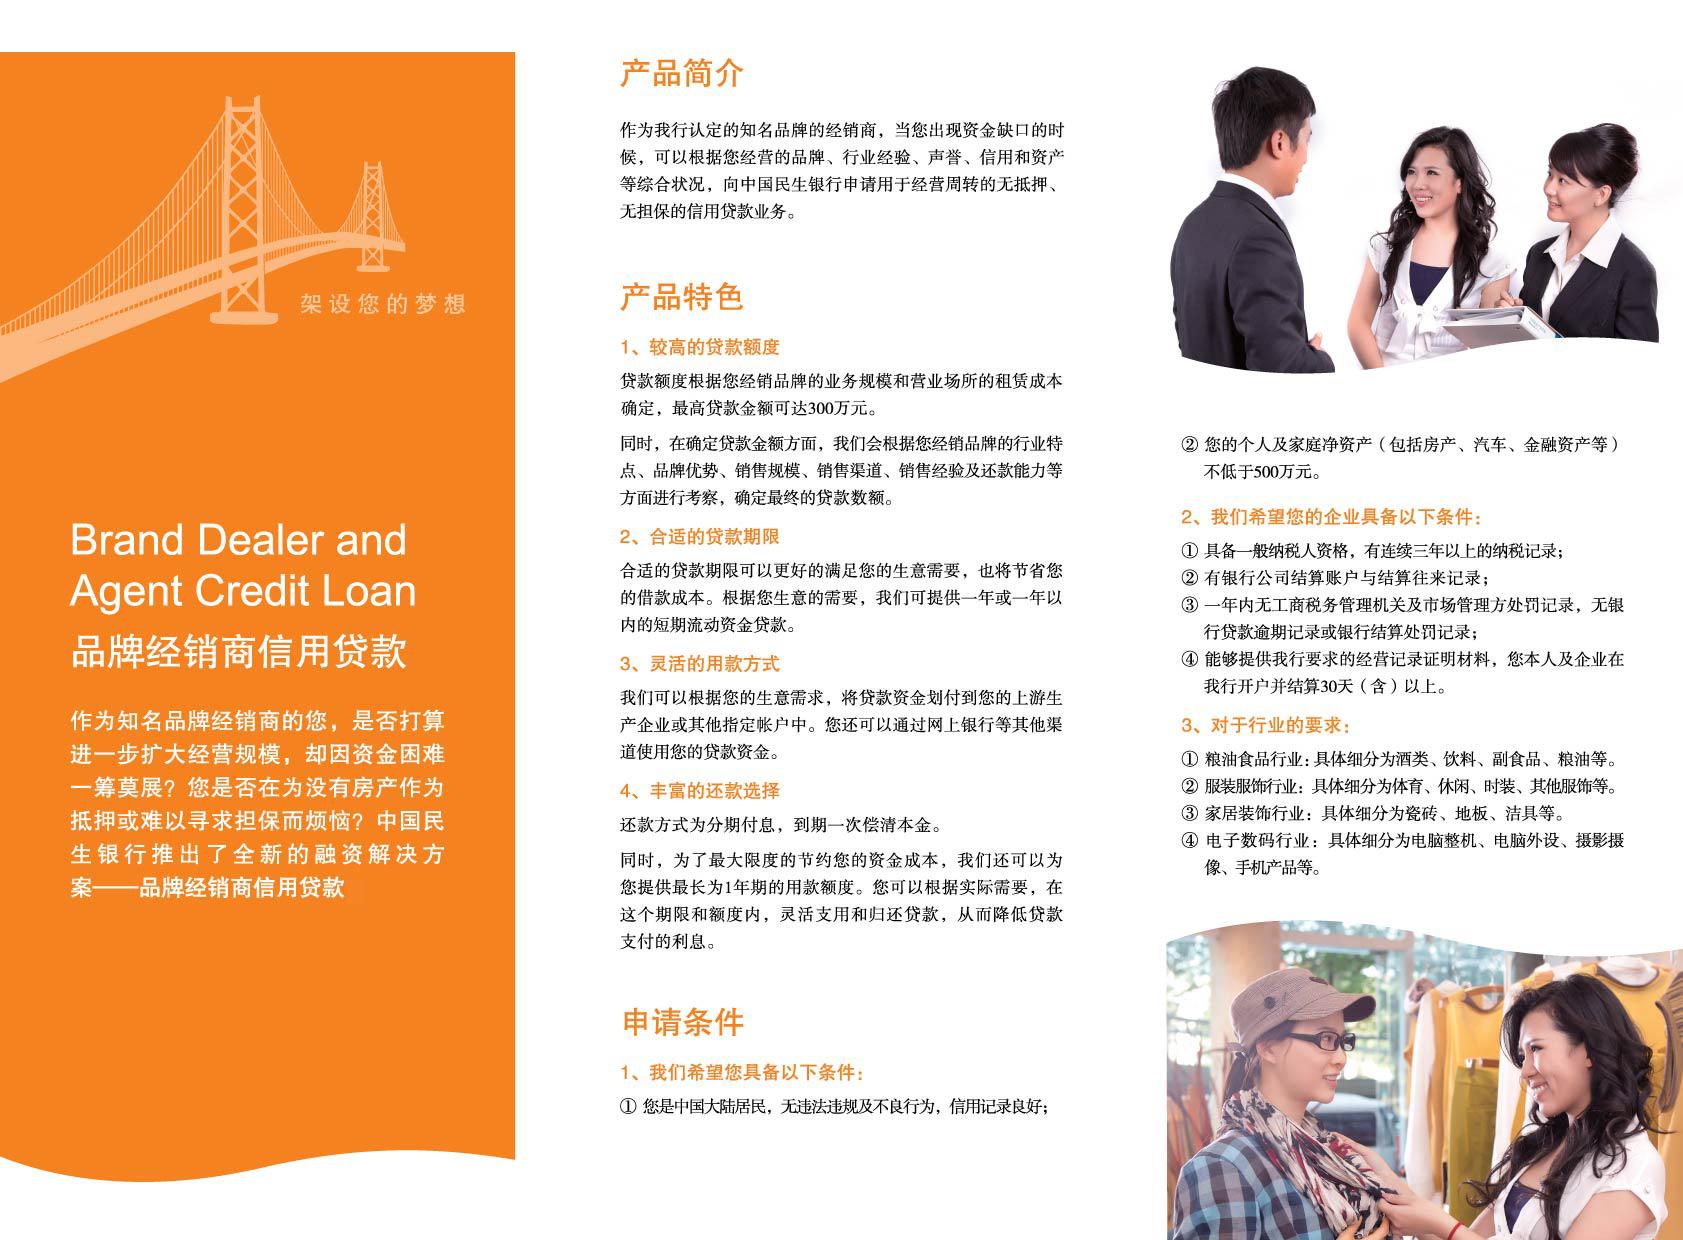 品牌经销商信用贷款